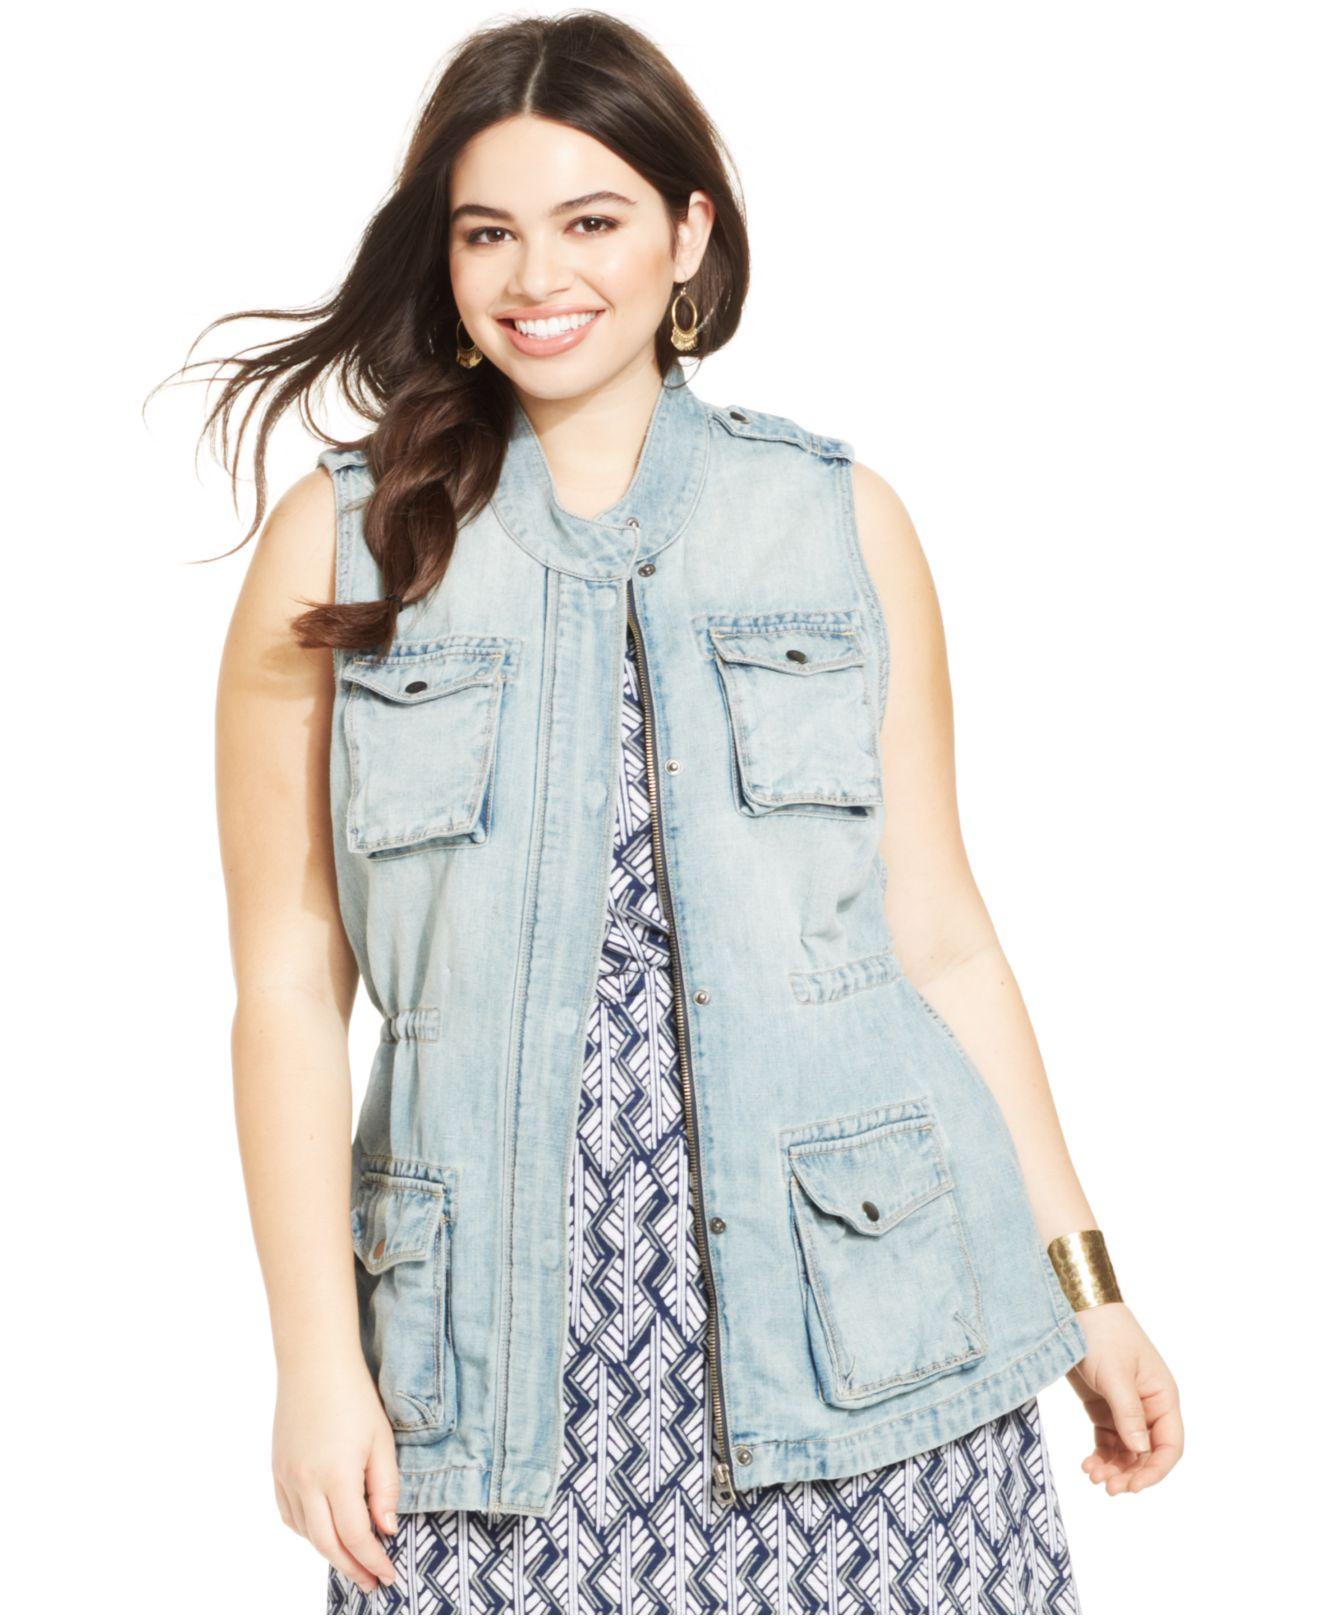 Plus Size Jean Vest - Xtellar Jeans